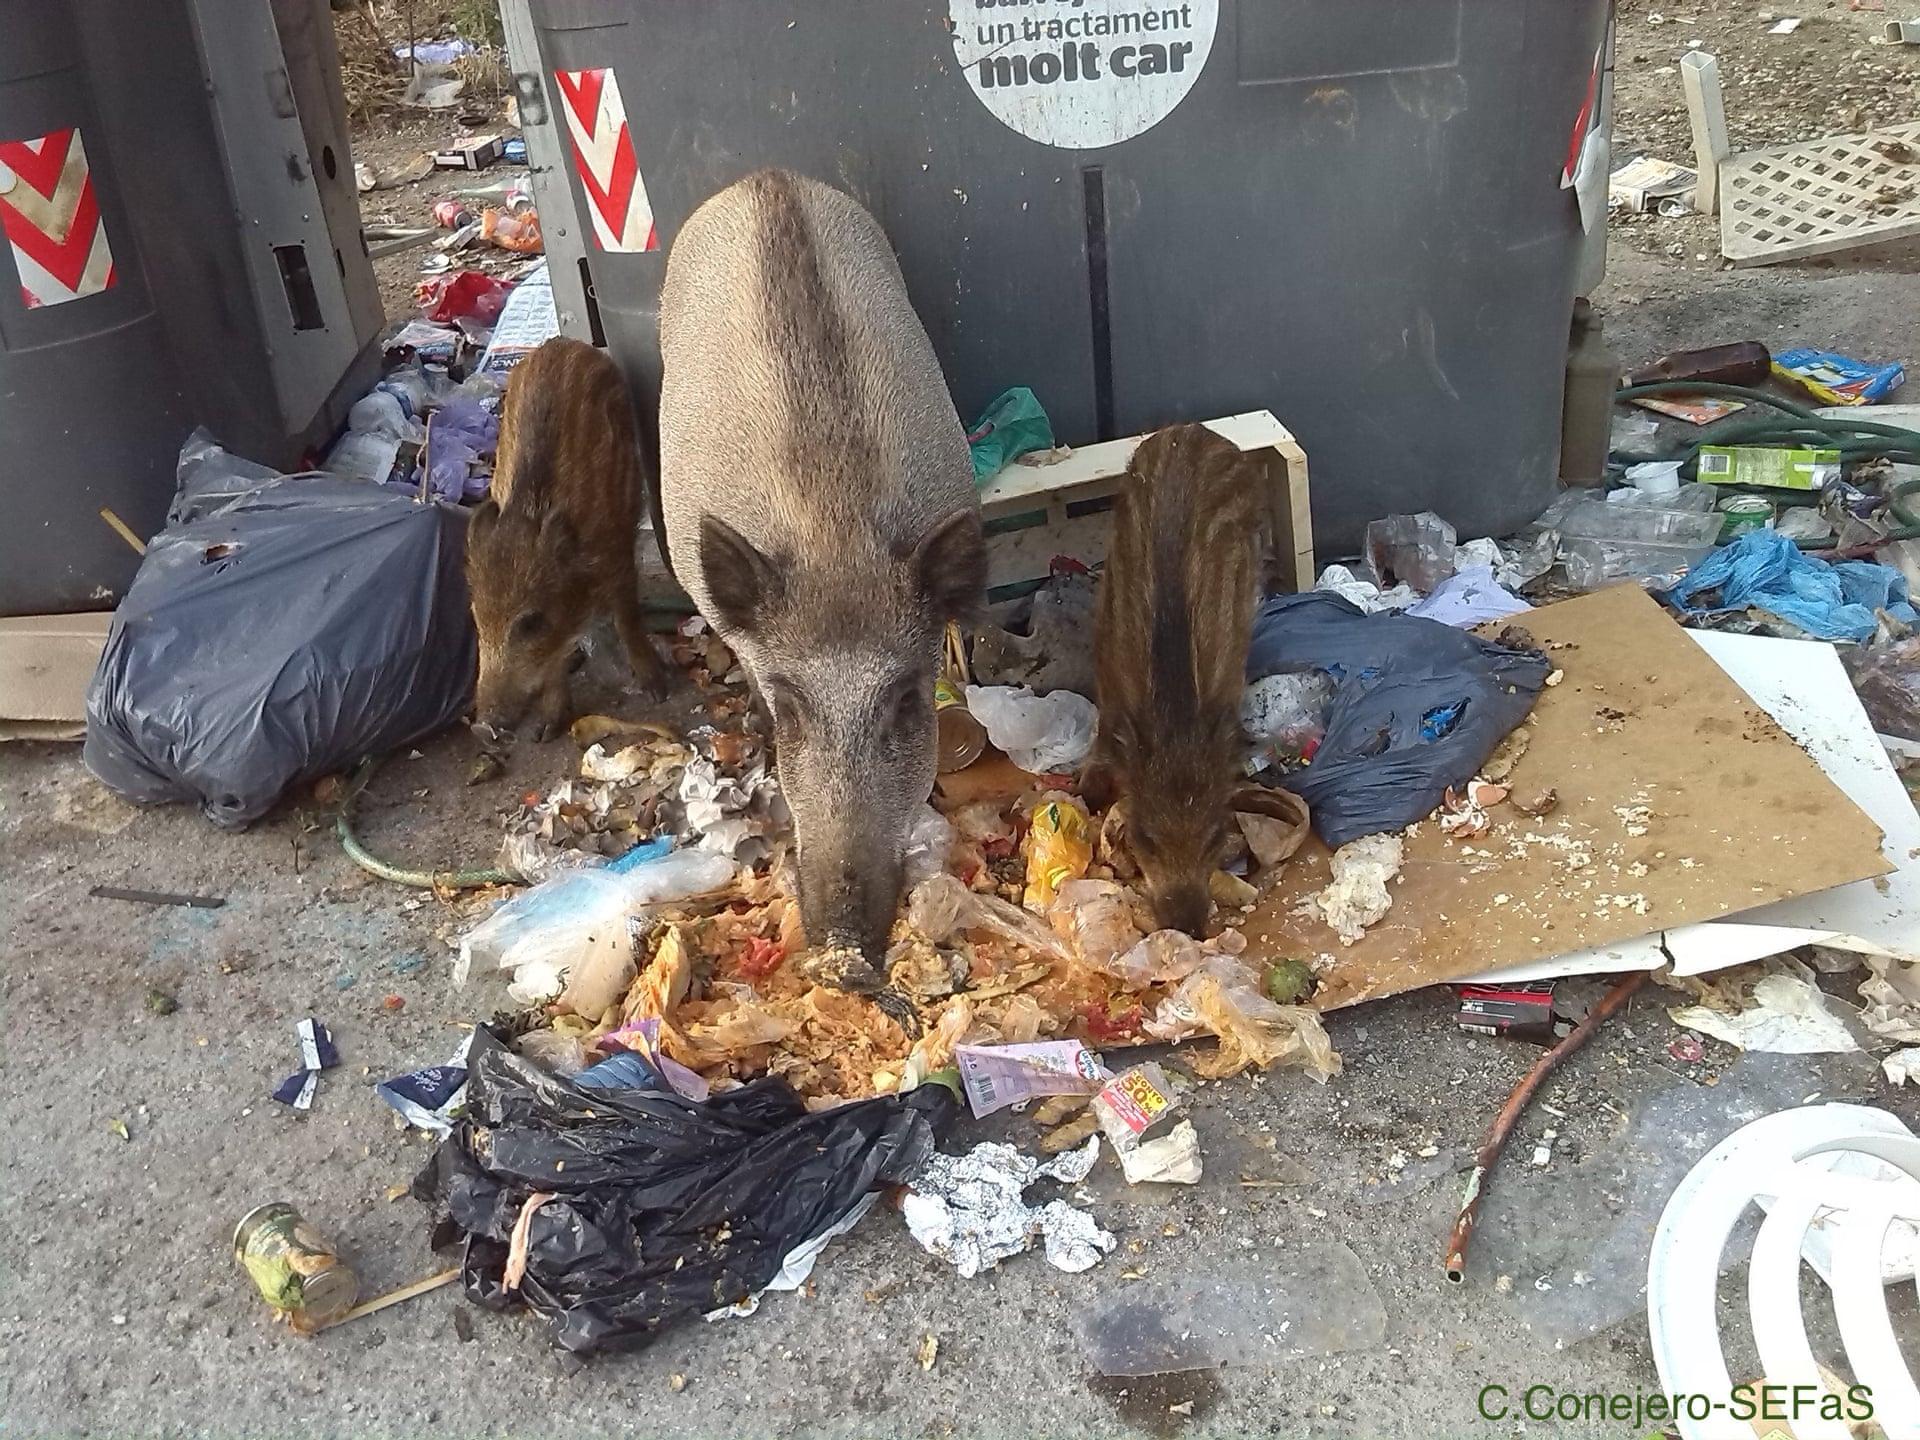 Кабаны питаются мусором